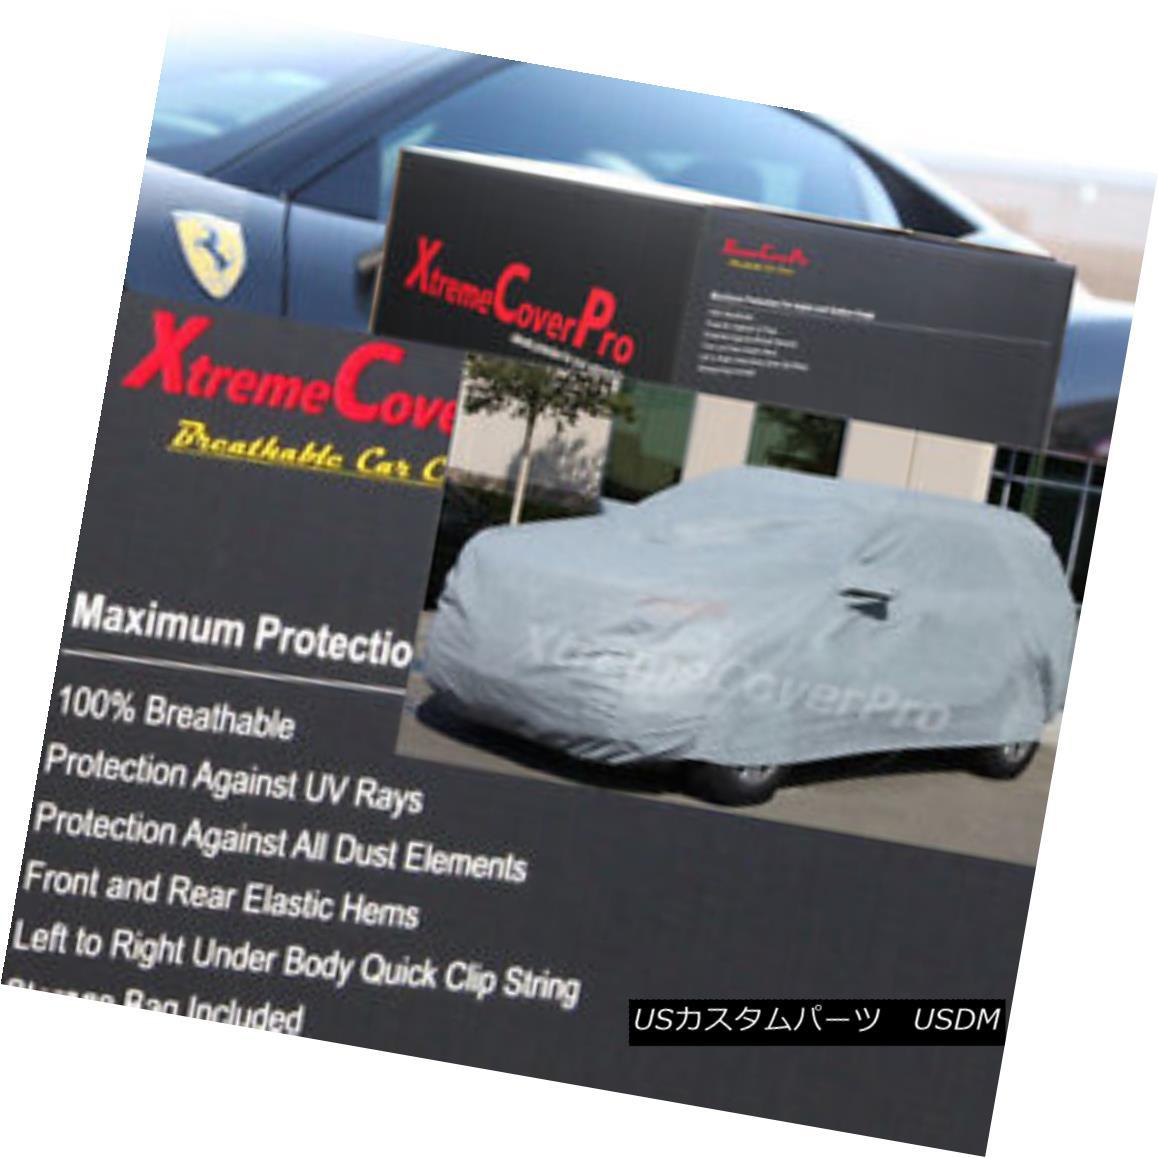 カーカバー 2002 2003 2004 2005 Chevy Blazer 4Door Breathable Car Cover w/MirrorPocket 2002年2003年2004年2005シボレーブレイザー4ドア通気性車カバー(ミラーポケット付)